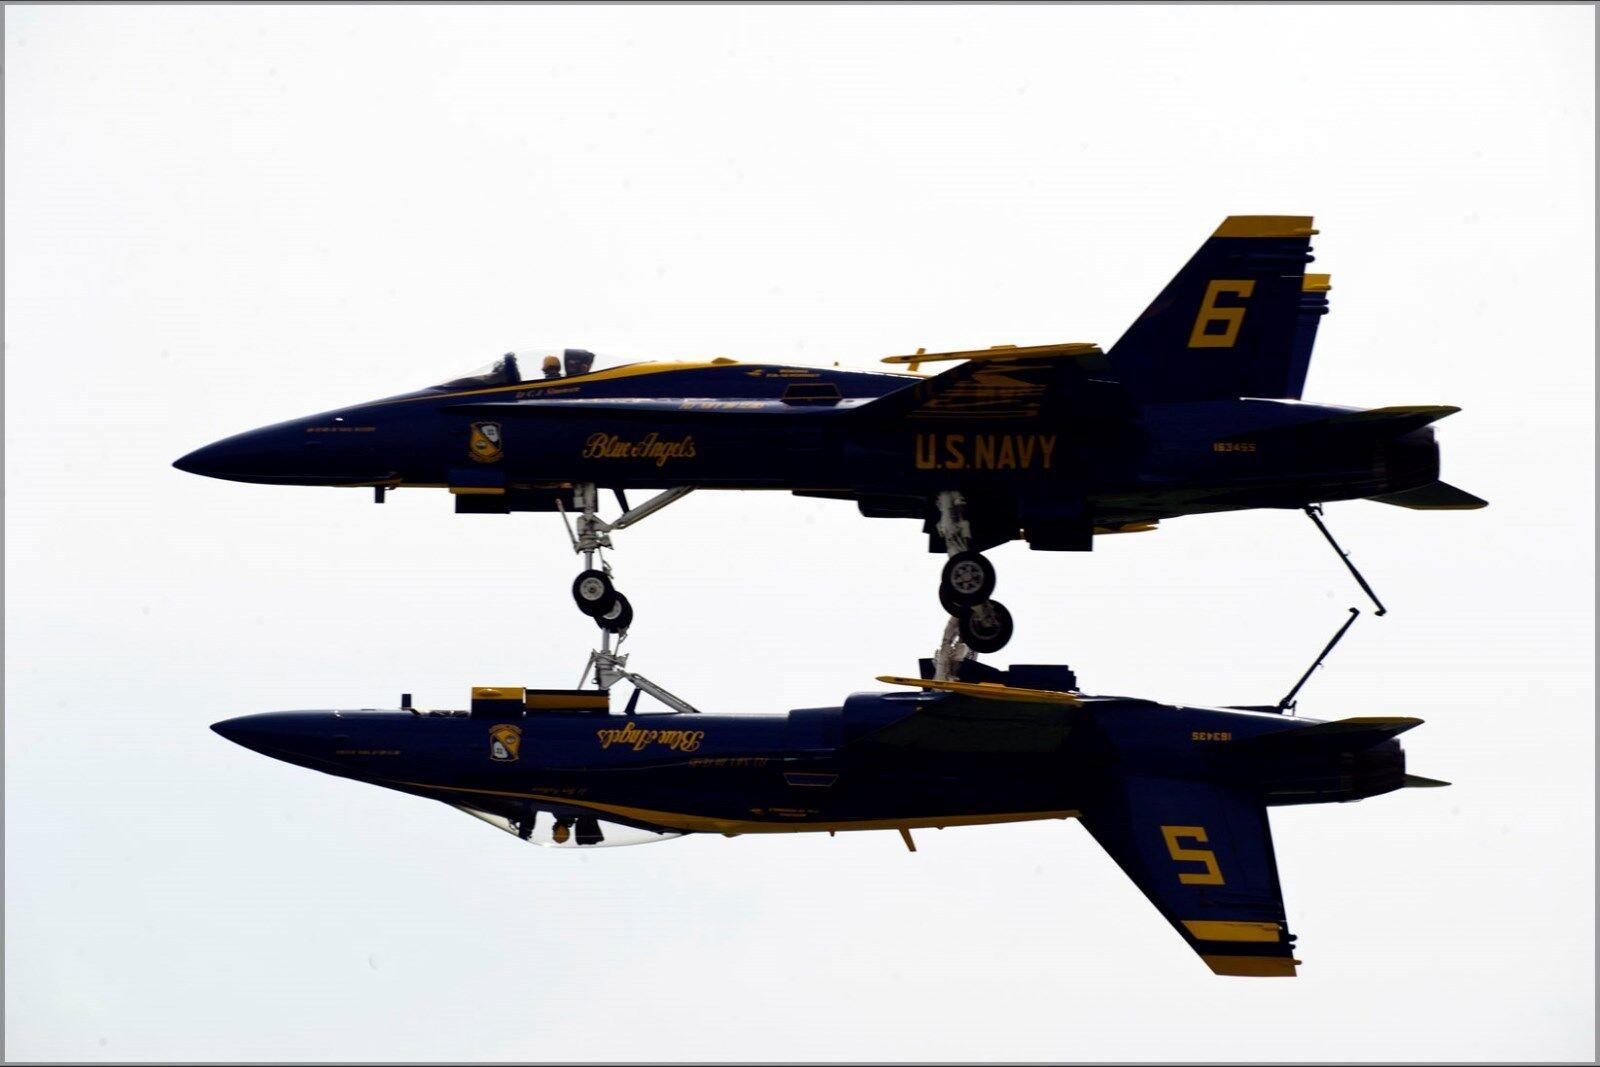 Poster, Many Größes; U.S. Navy Flight Demonstration, The Blau Angels, Fortus Mane